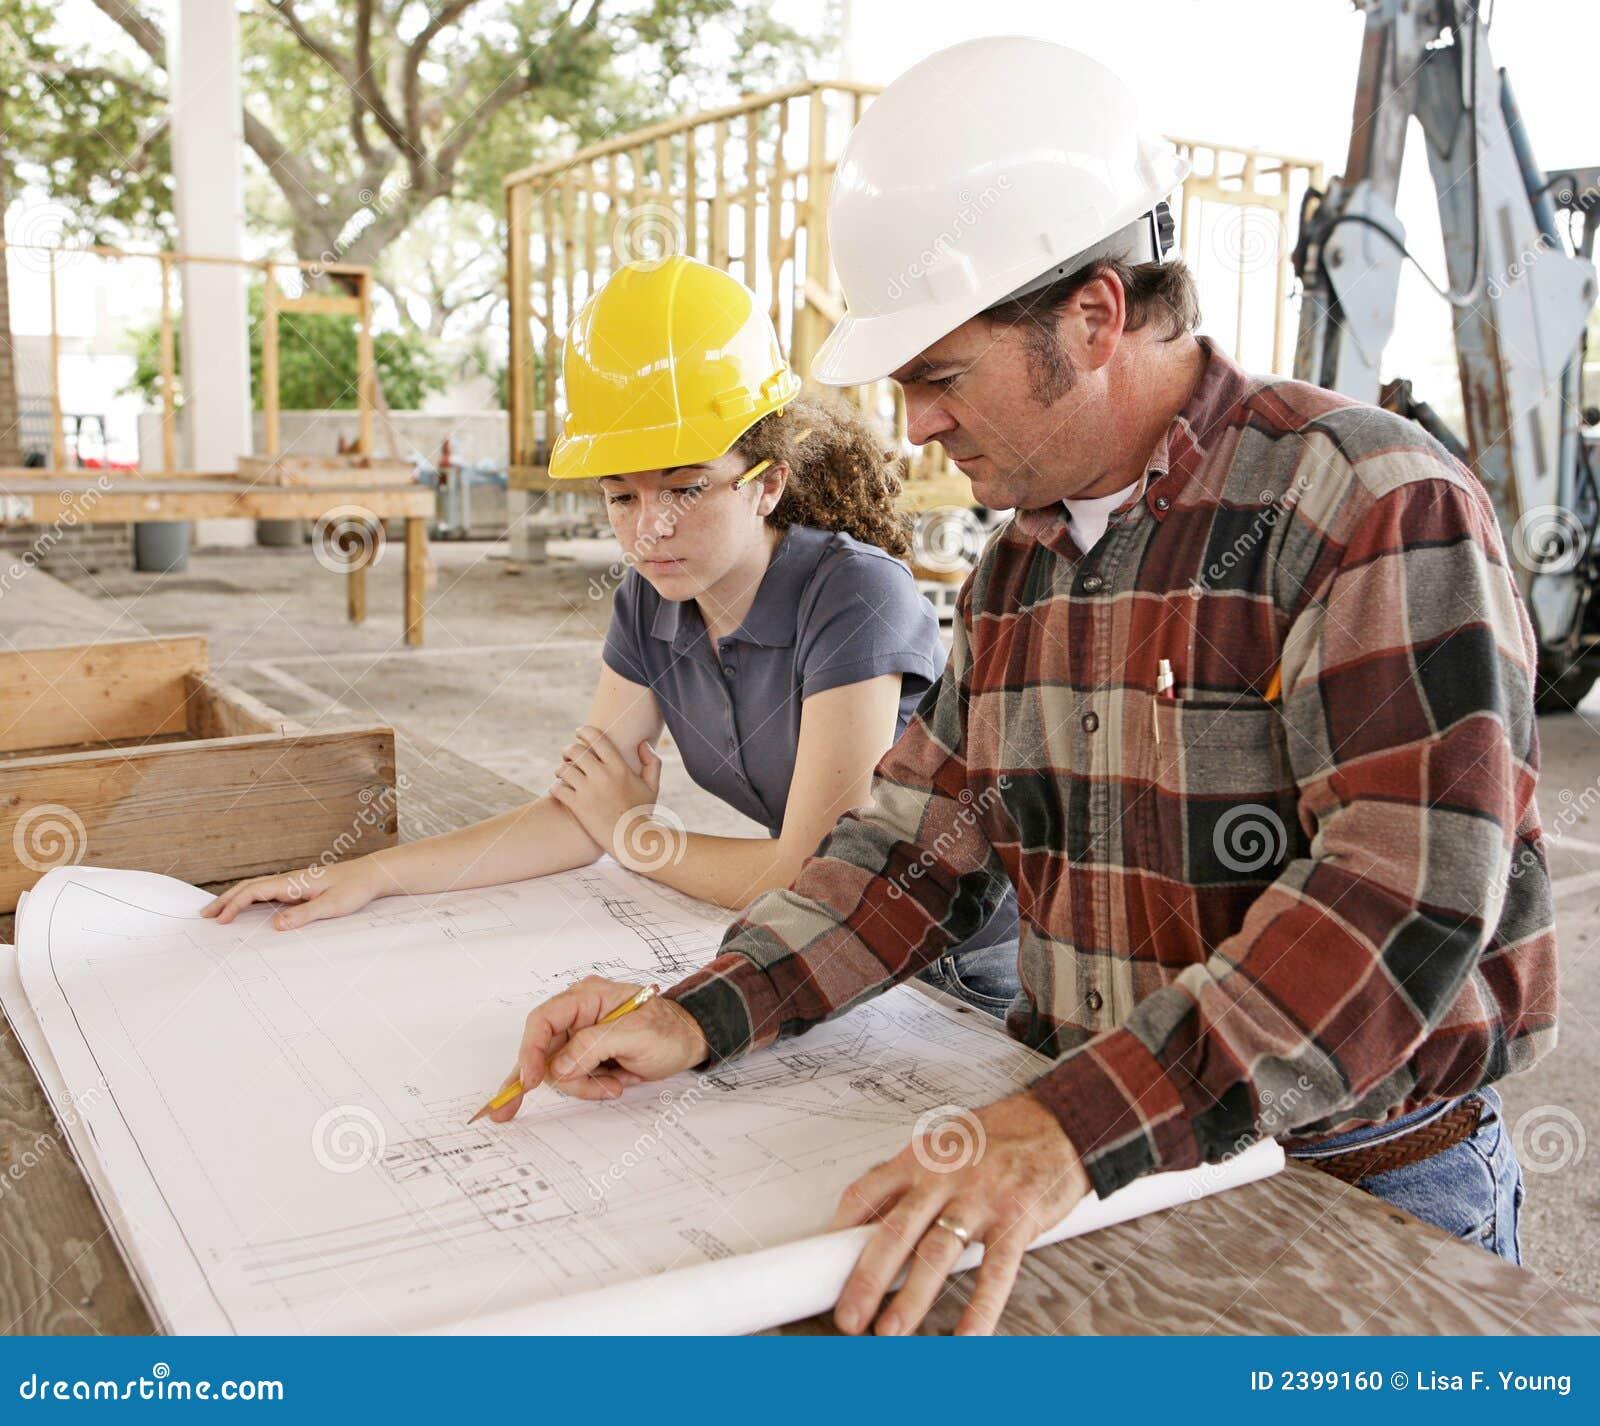 студент просмотрения плана инженера